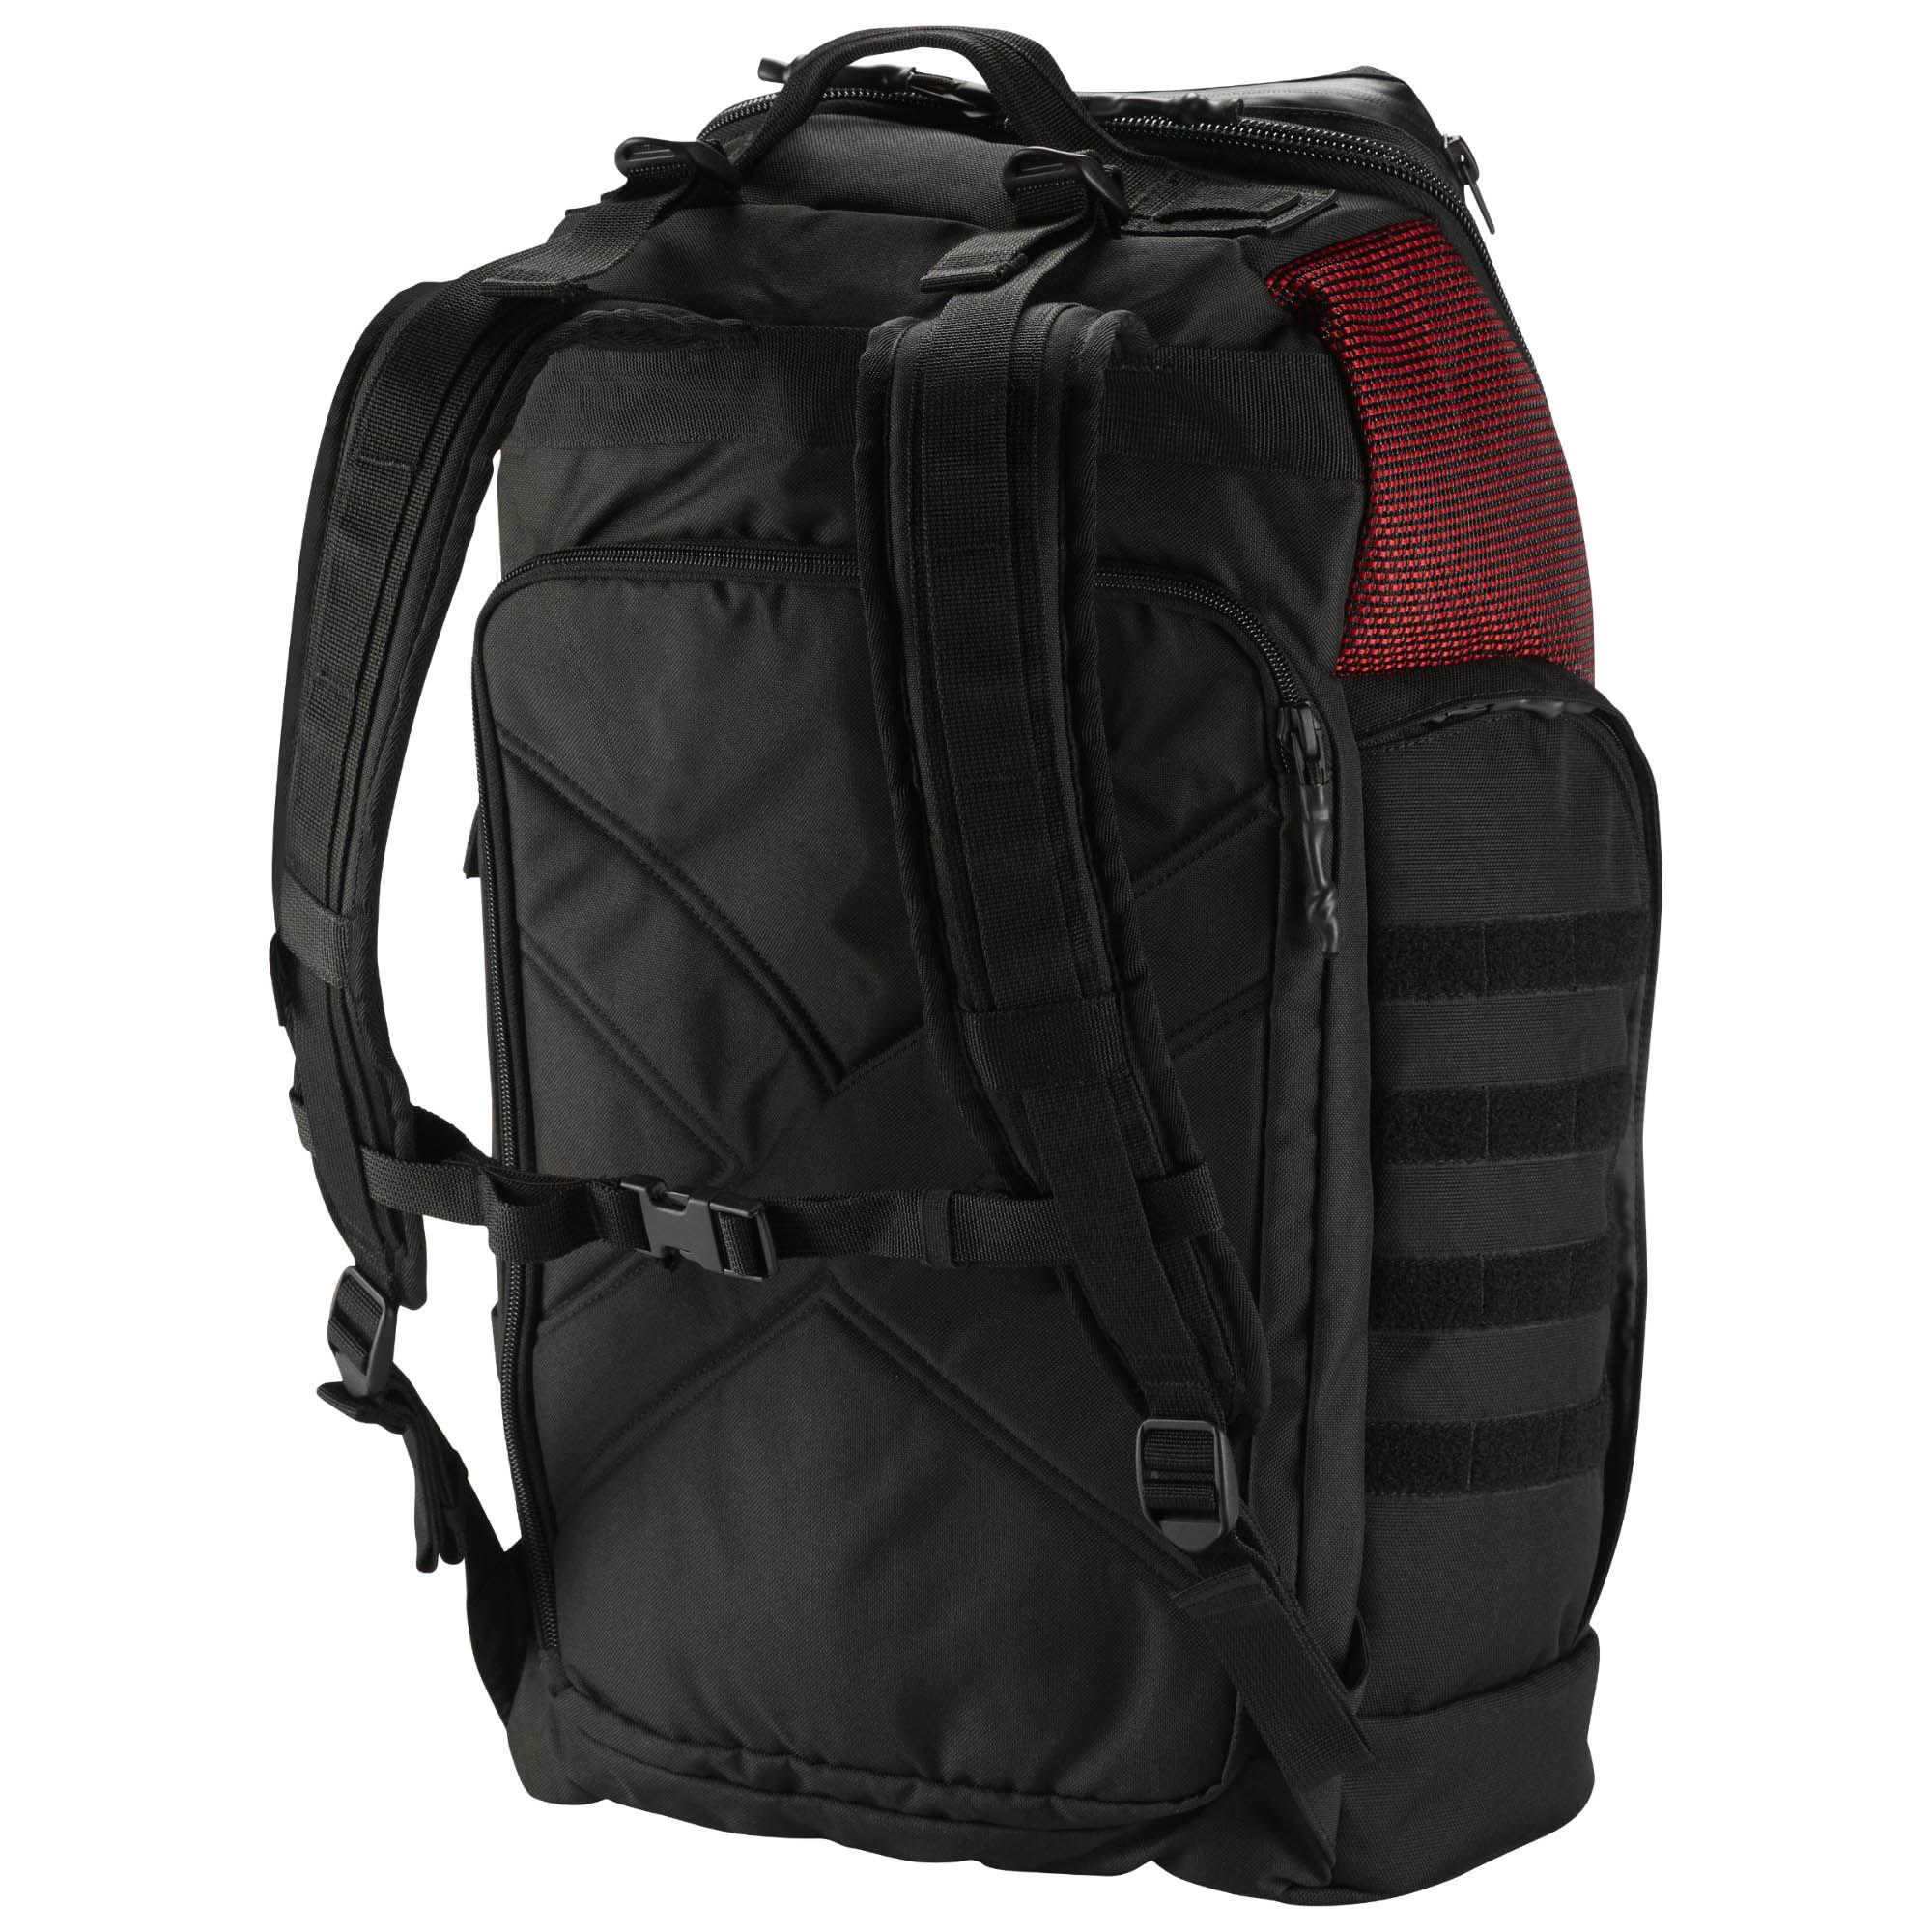 【滿額最高折318】REEBOK CROSSFIT BACKPACK 後背包 雙肩 休閒 運動 筆電 黑 紅【運動世界】CD7259